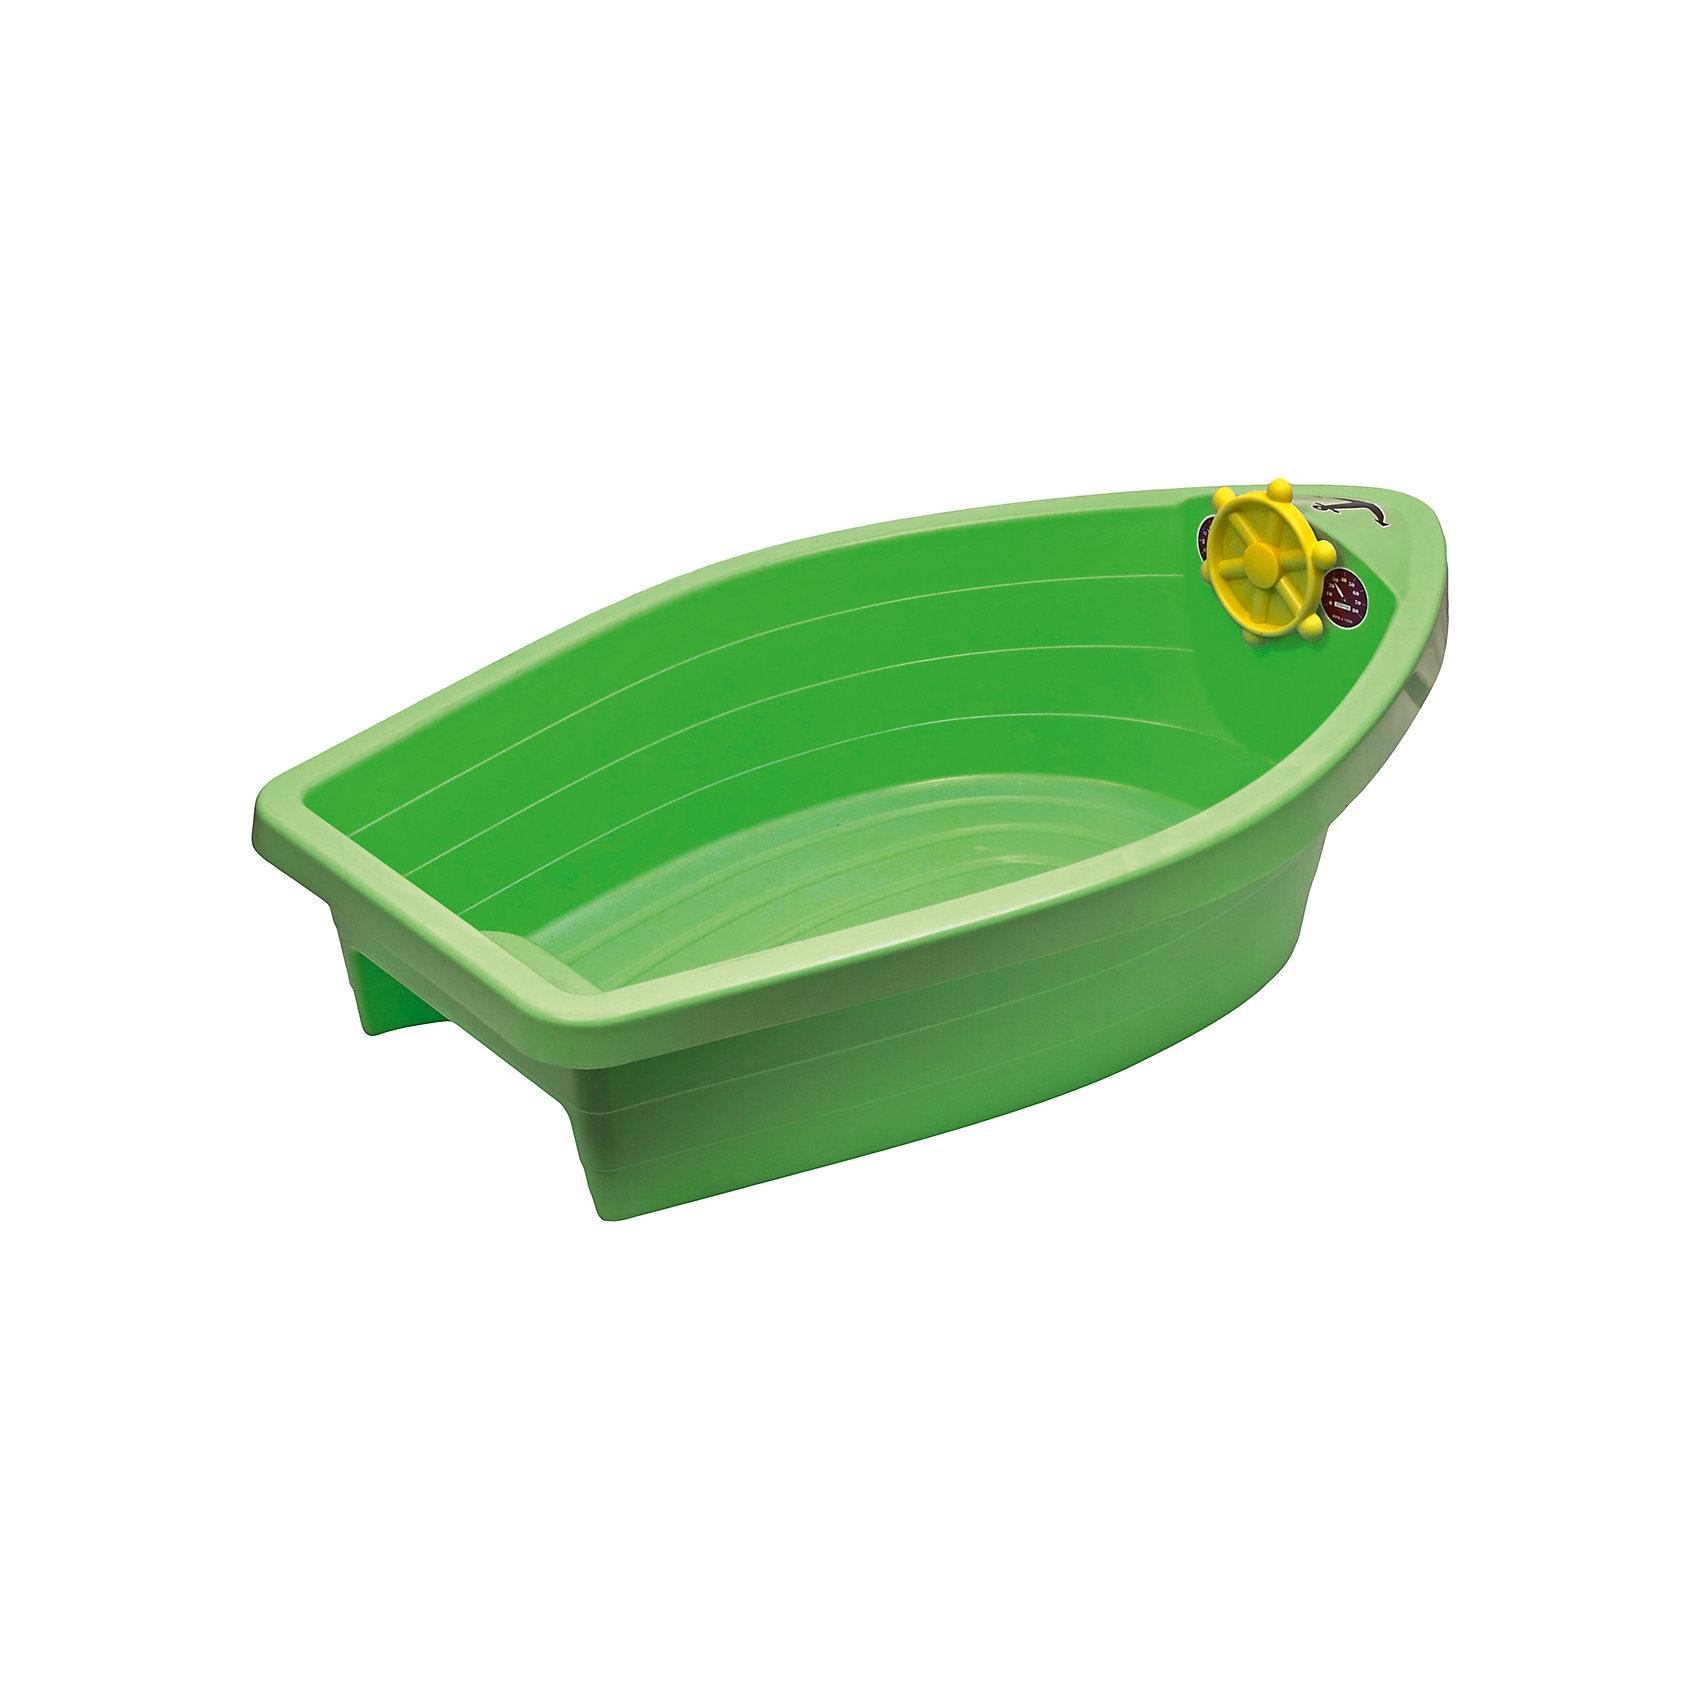 Бассейн - Лодочка, Marian Plast, зеленаяПесочница - бассейн Лодочка, Marian Plast (Мариан Пласт) обязательно понравится Вашему малышу и станет его любимым местом для игр. Малыши очень любят игры в песке, куличики, а также игры с водой. Песочница Лодочка совмещает в себе эти две игровые возможности, ее можно использовать и как песочницу и как минибассейн. Песочница-басейн выполнена в виде яркой лодочки, внутри имеется сиденье куда можно присесть и штурвал. Благодаря своим компактным размерам она хорошо разместится на дачном участке и не займет много места. Игрушка изготовлена из прочного пластика, округлой формы без острых углов. В комплект также входят набор наклеек для украшения лодочки.<br><br>Дополнительная информация:<br><br>- В комплекте: песочница-бассейн, наклейки. <br>- Материал: высокопрочный пластик.<br>- Размер: 129 х 73 х 39 см.<br>- Вес: 3,8 кг.<br><br>Бассейн - Лодочку, Marian Plast (Мариан Пласт) можно купить в нашем интернет-магазине.<br><br>Ширина мм: 129<br>Глубина мм: 73<br>Высота мм: 39<br>Вес г: 3800<br>Возраст от месяцев: 24<br>Возраст до месяцев: 72<br>Пол: Унисекс<br>Возраст: Детский<br>SKU: 4998395